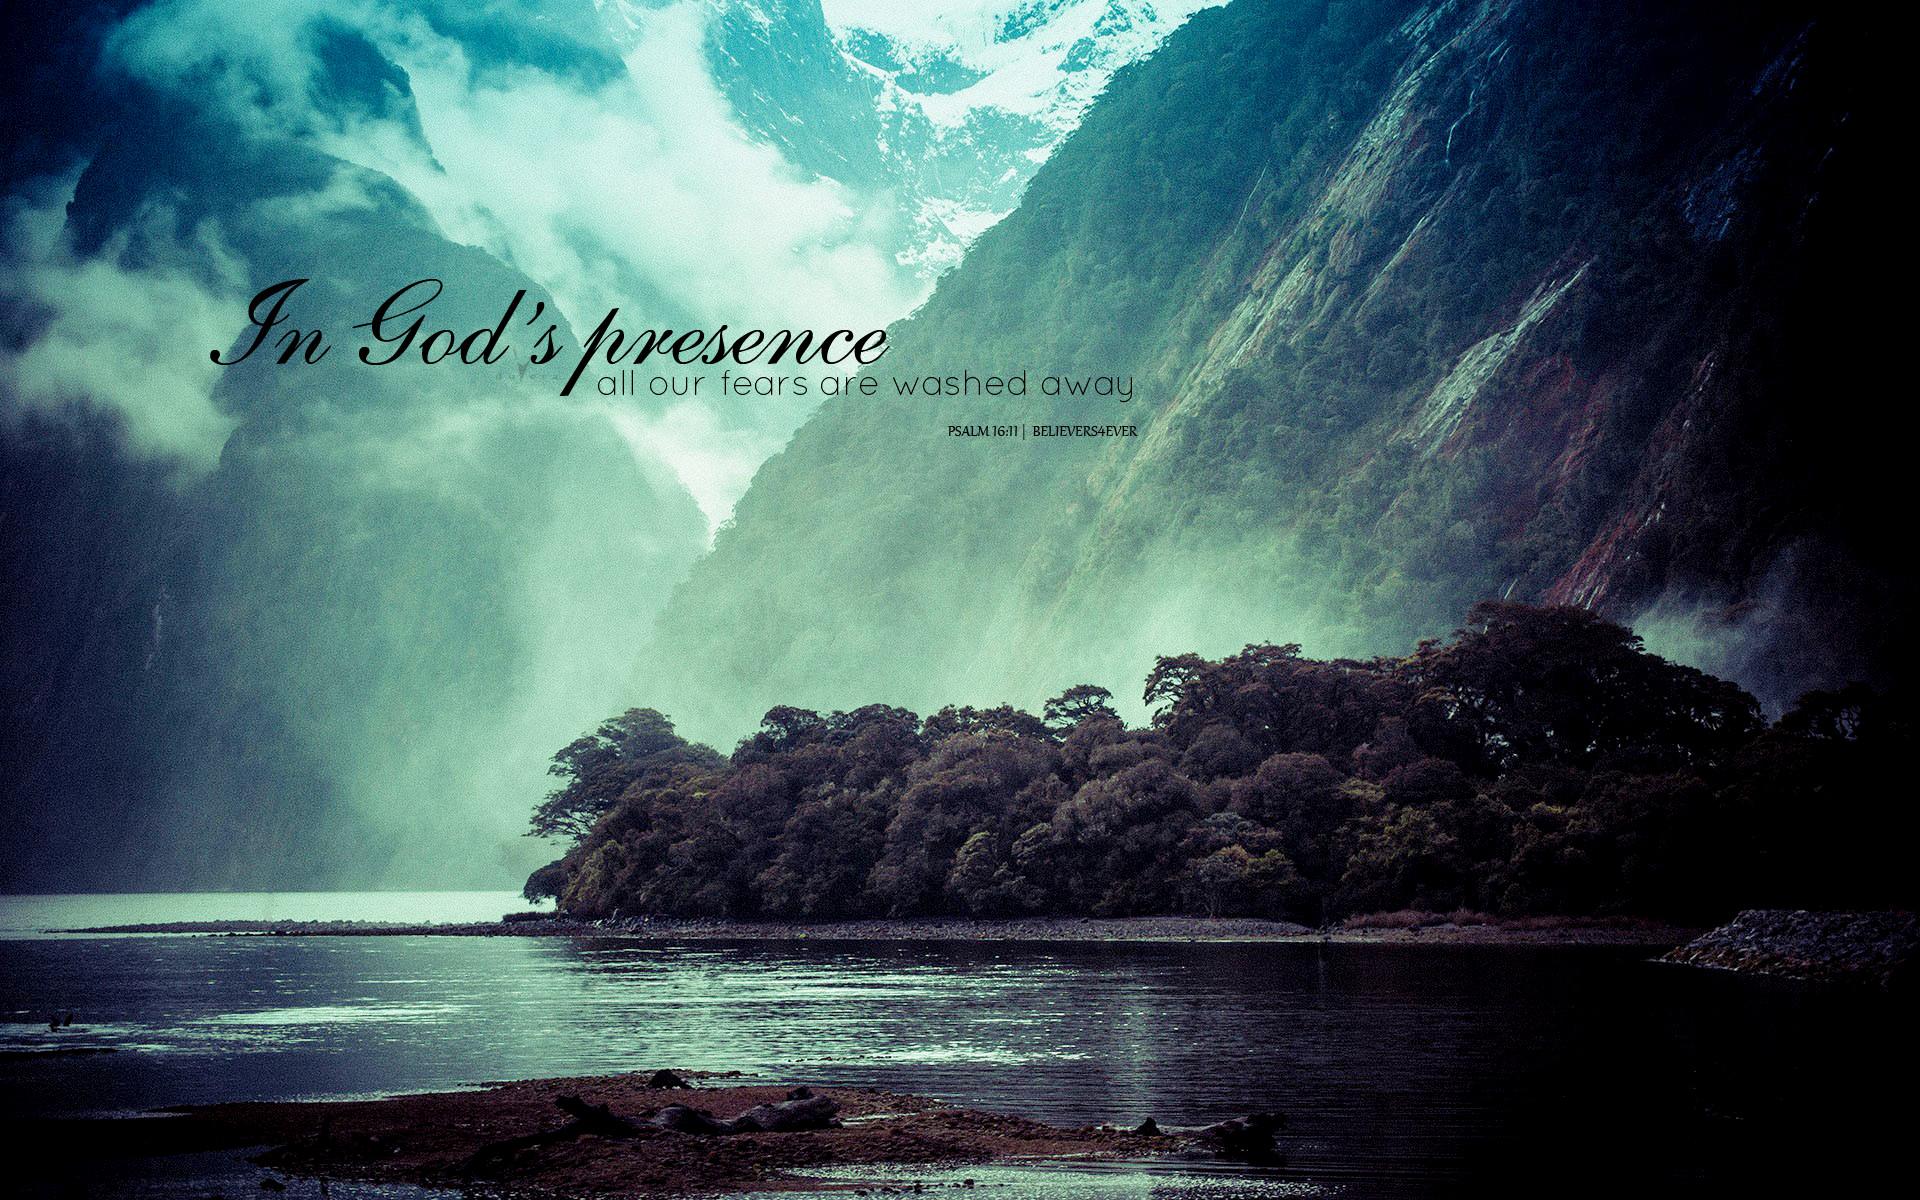 Christian Desktop Backgrounds 60 Images